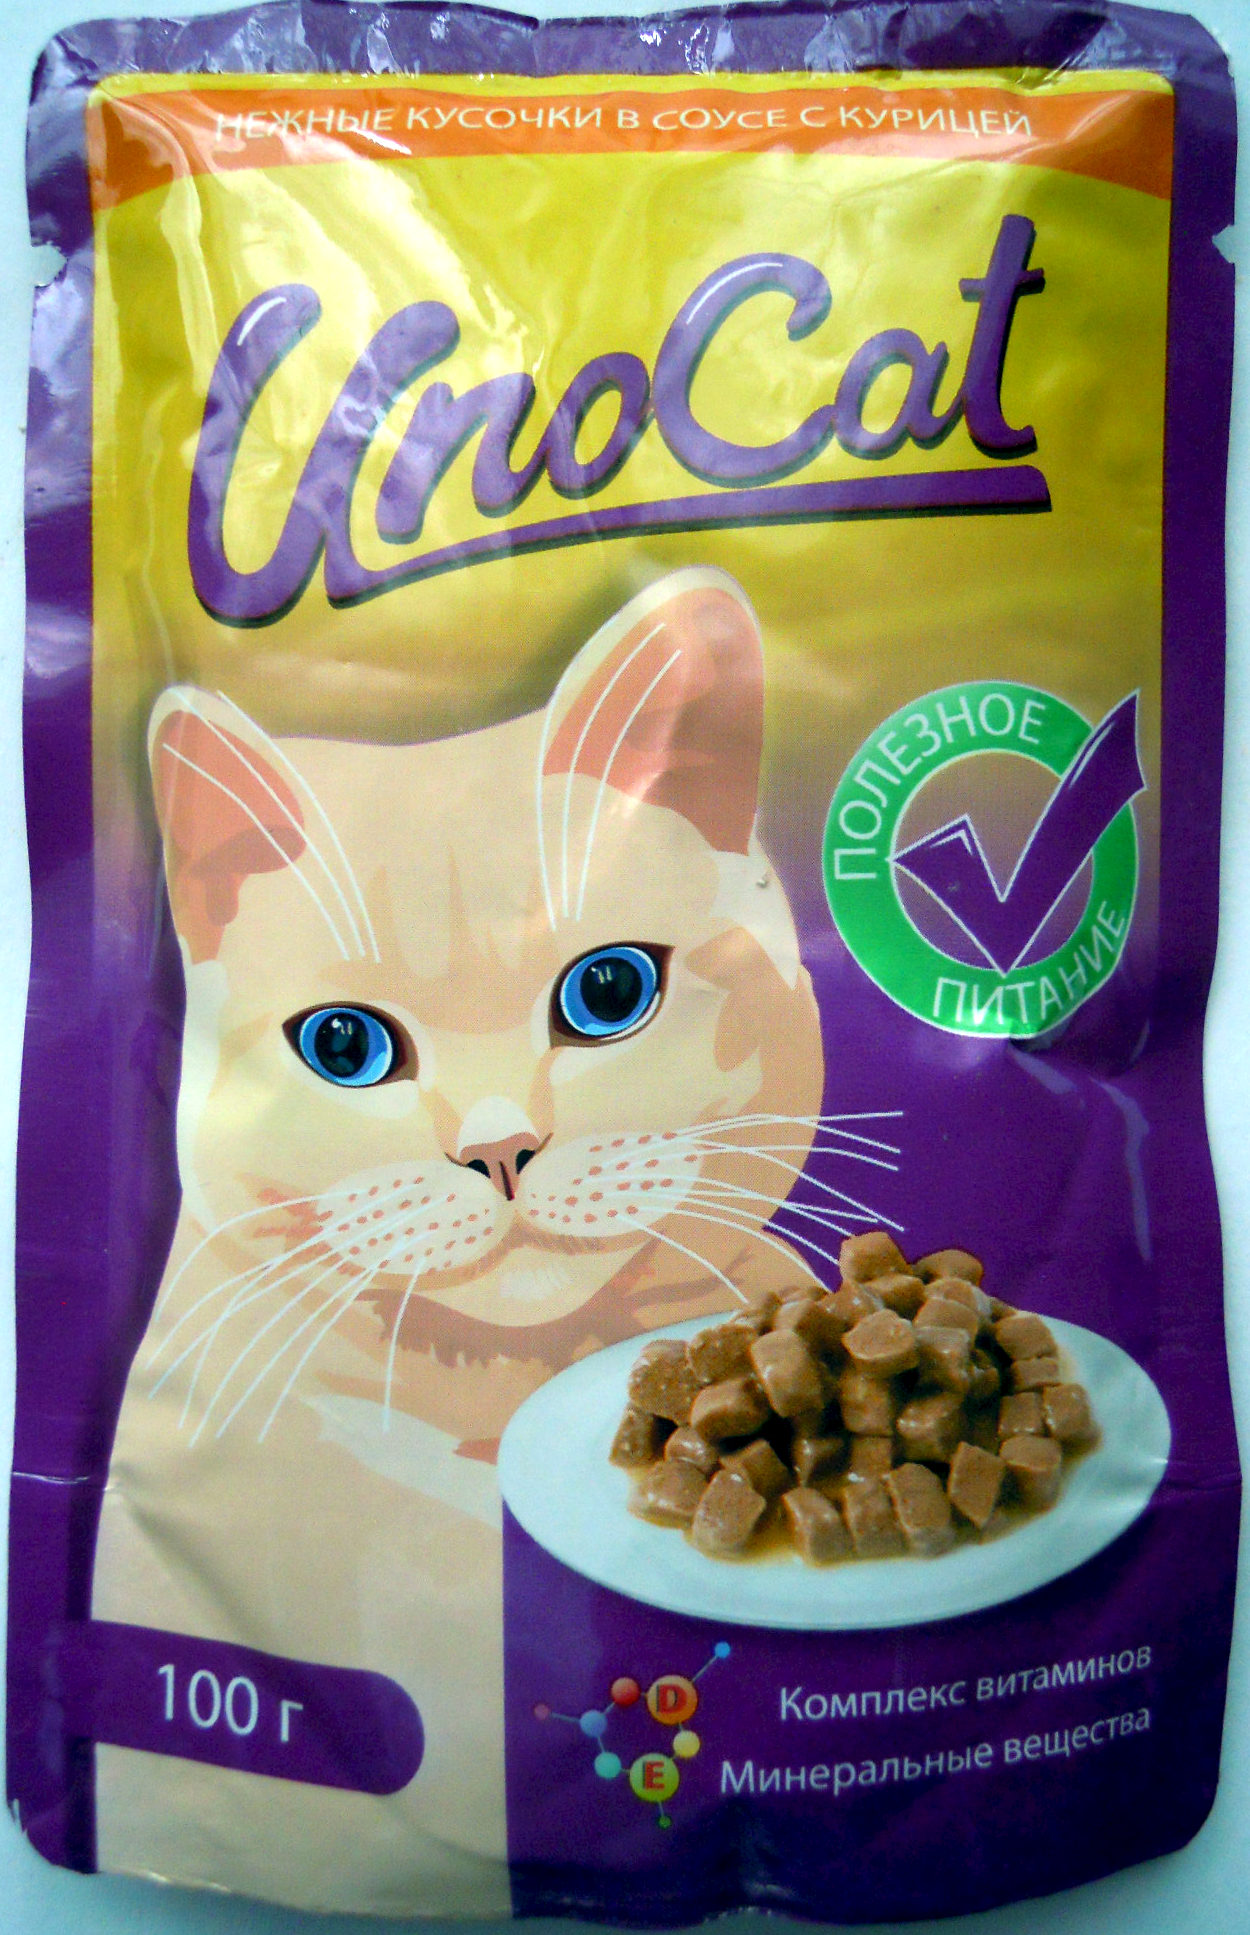 UnoCat нежные кусочки в соусе с курицей - Product